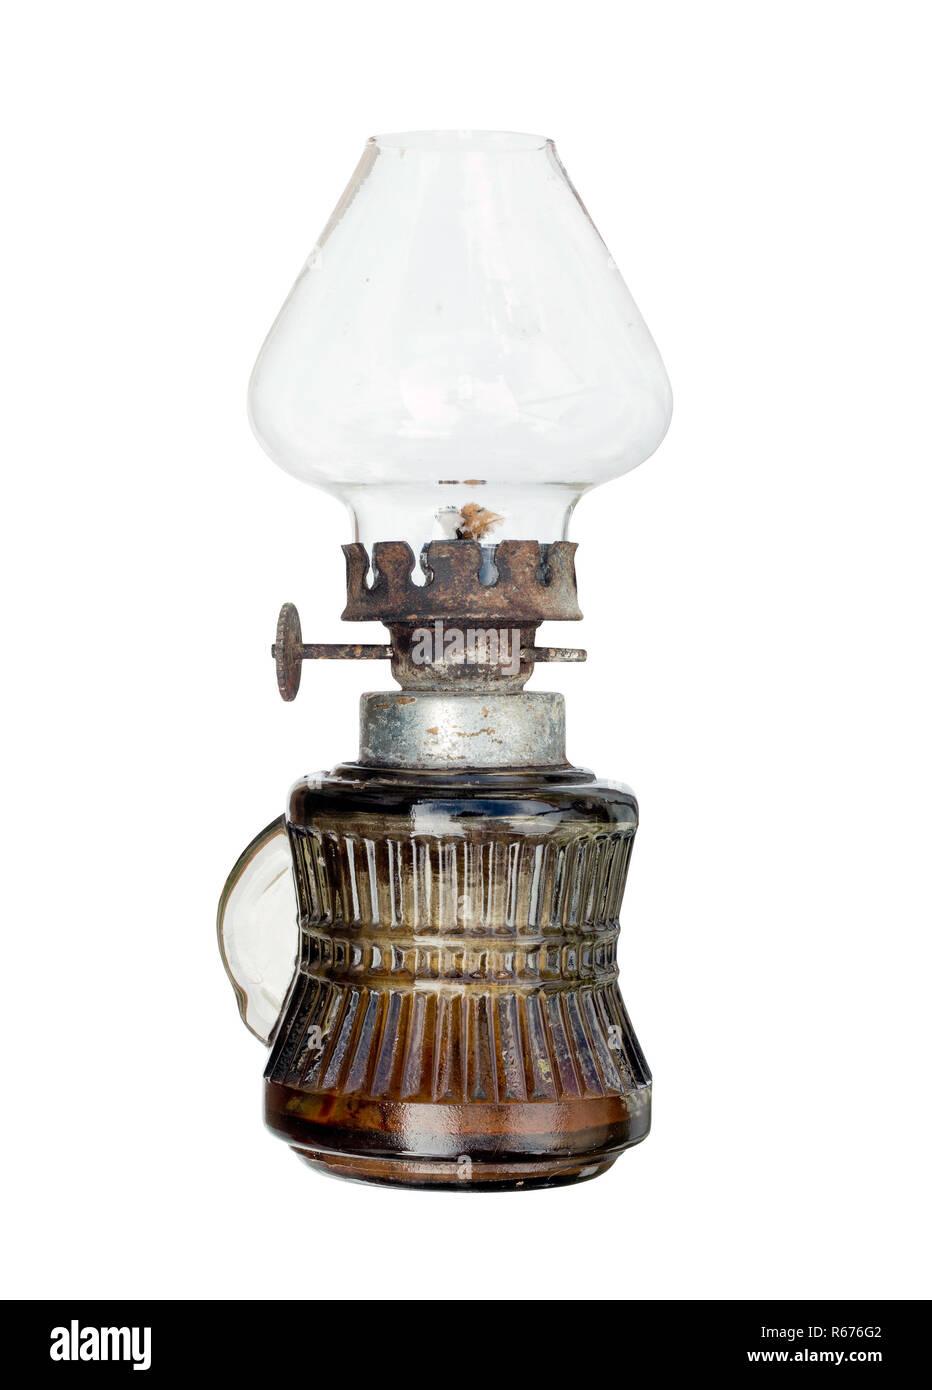 Old and used kerosene lamp - Stock Image